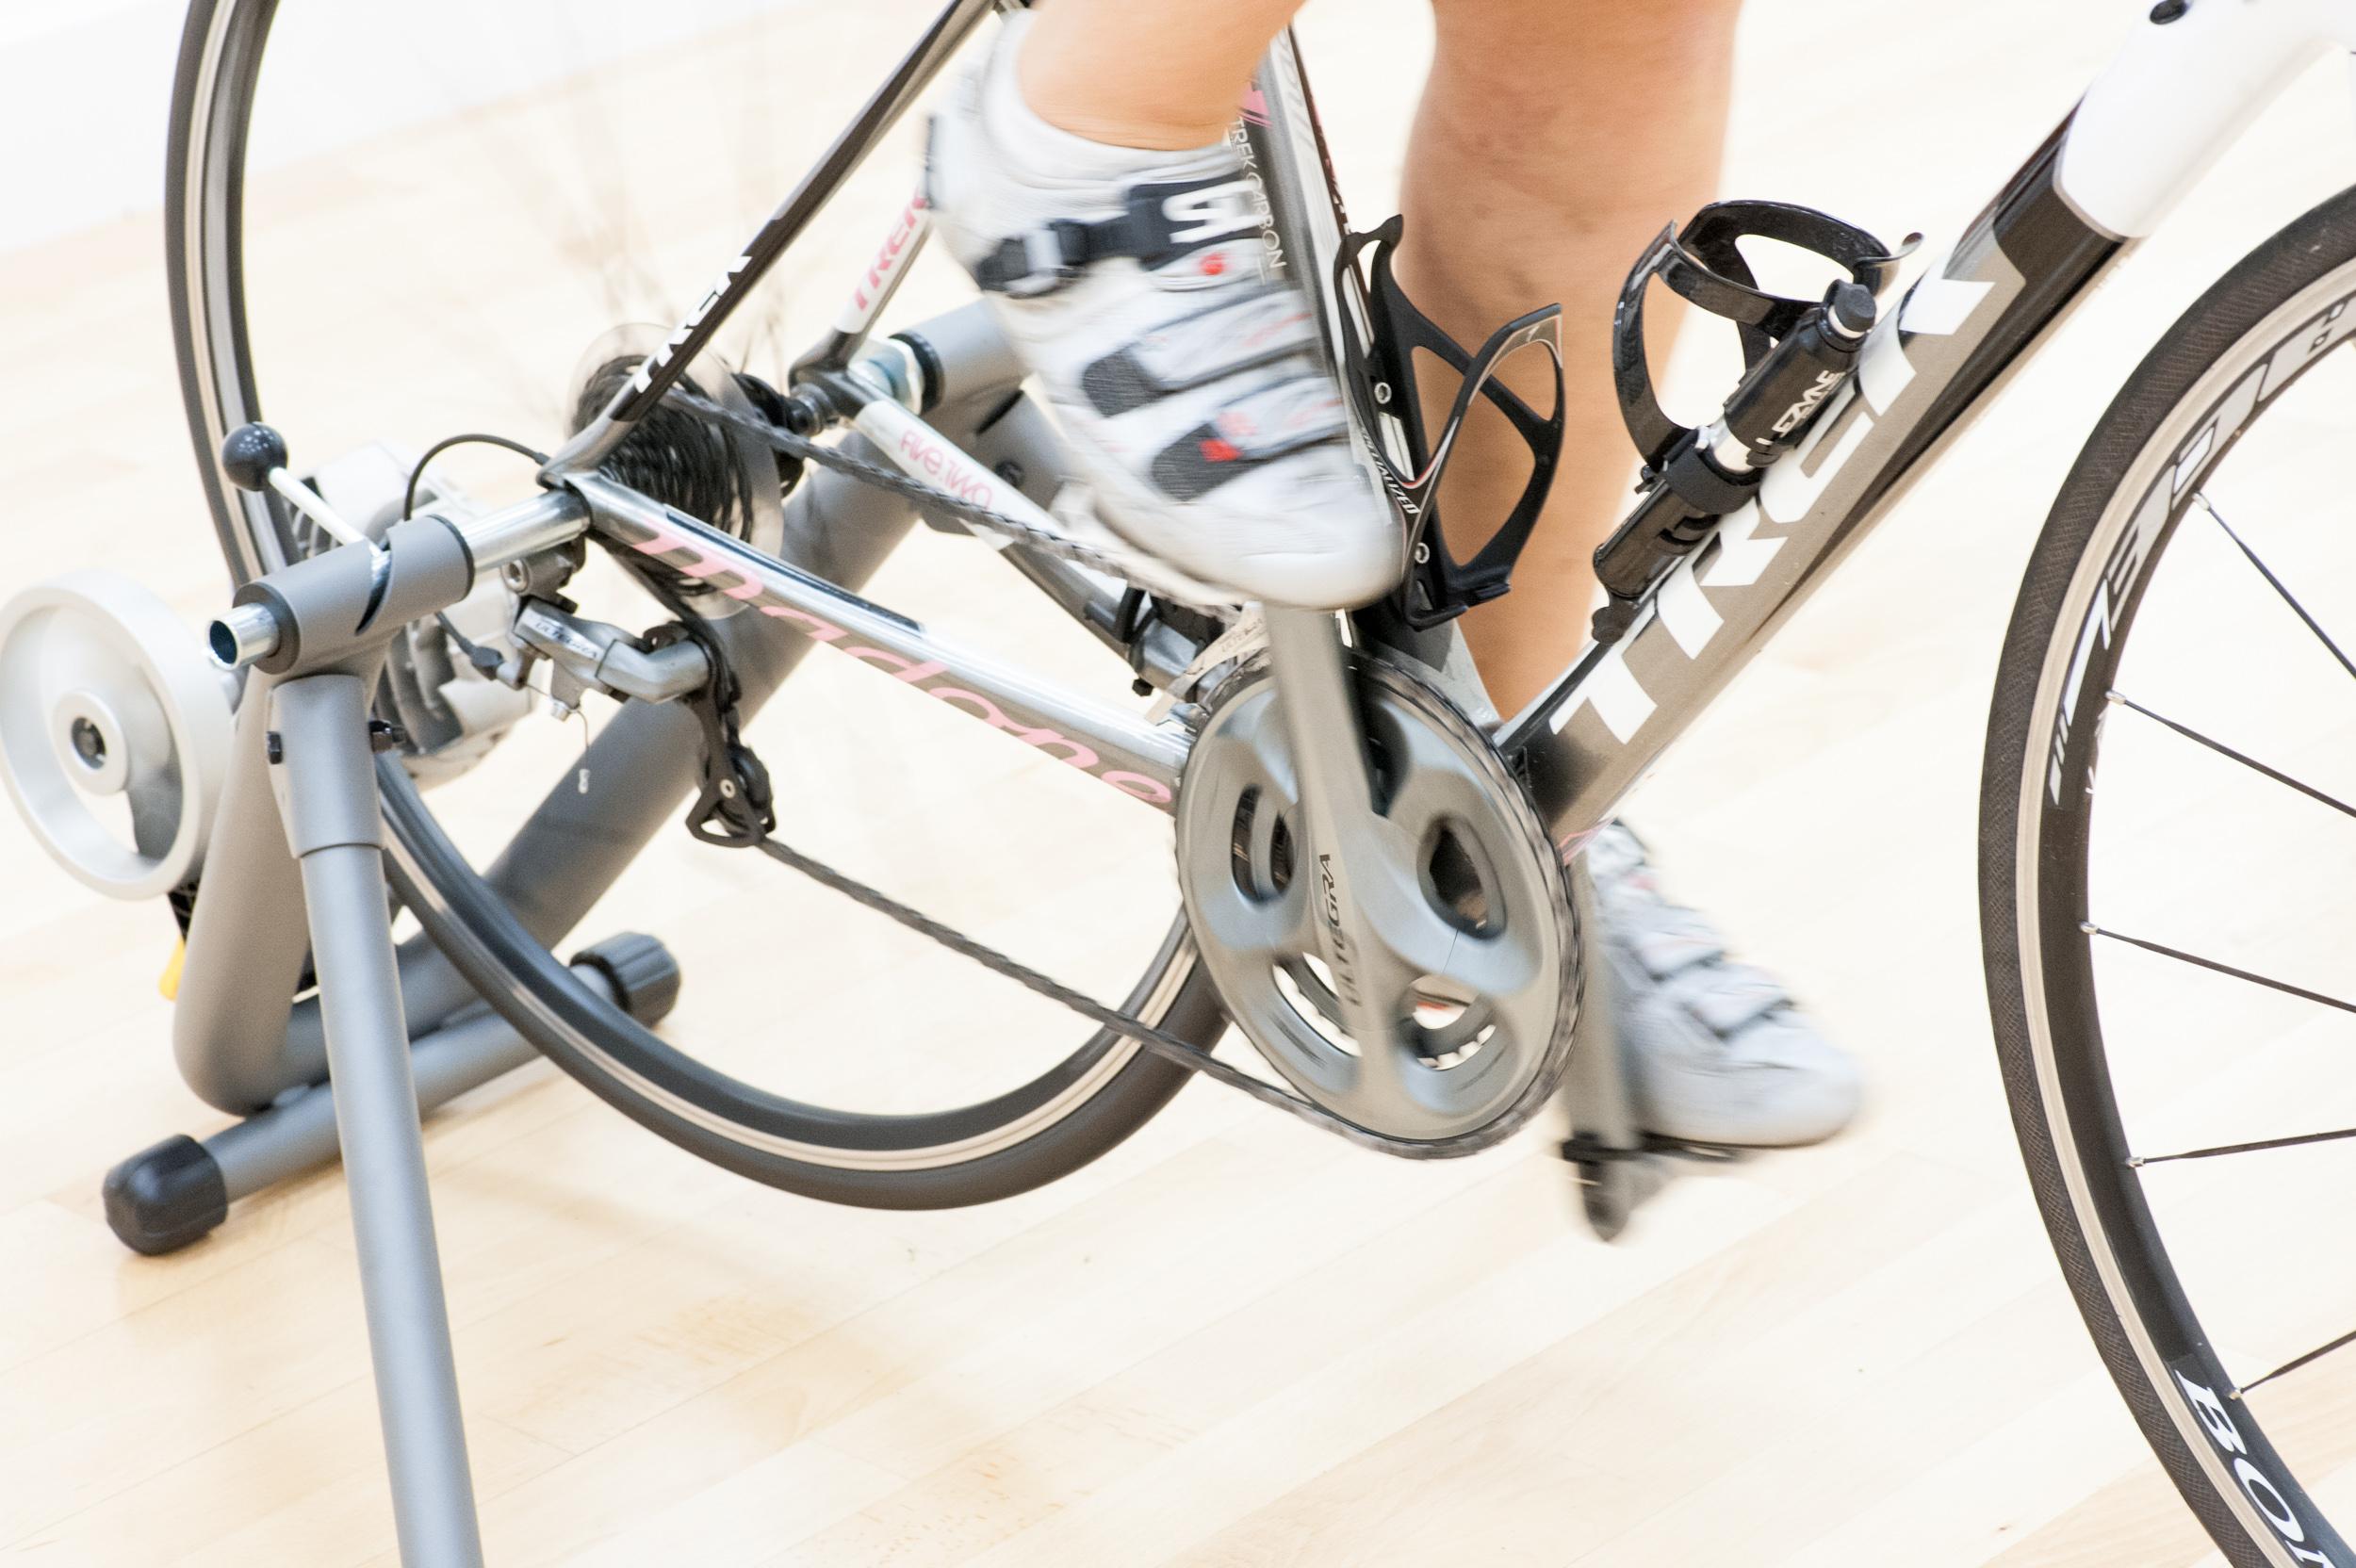 Bike analysis